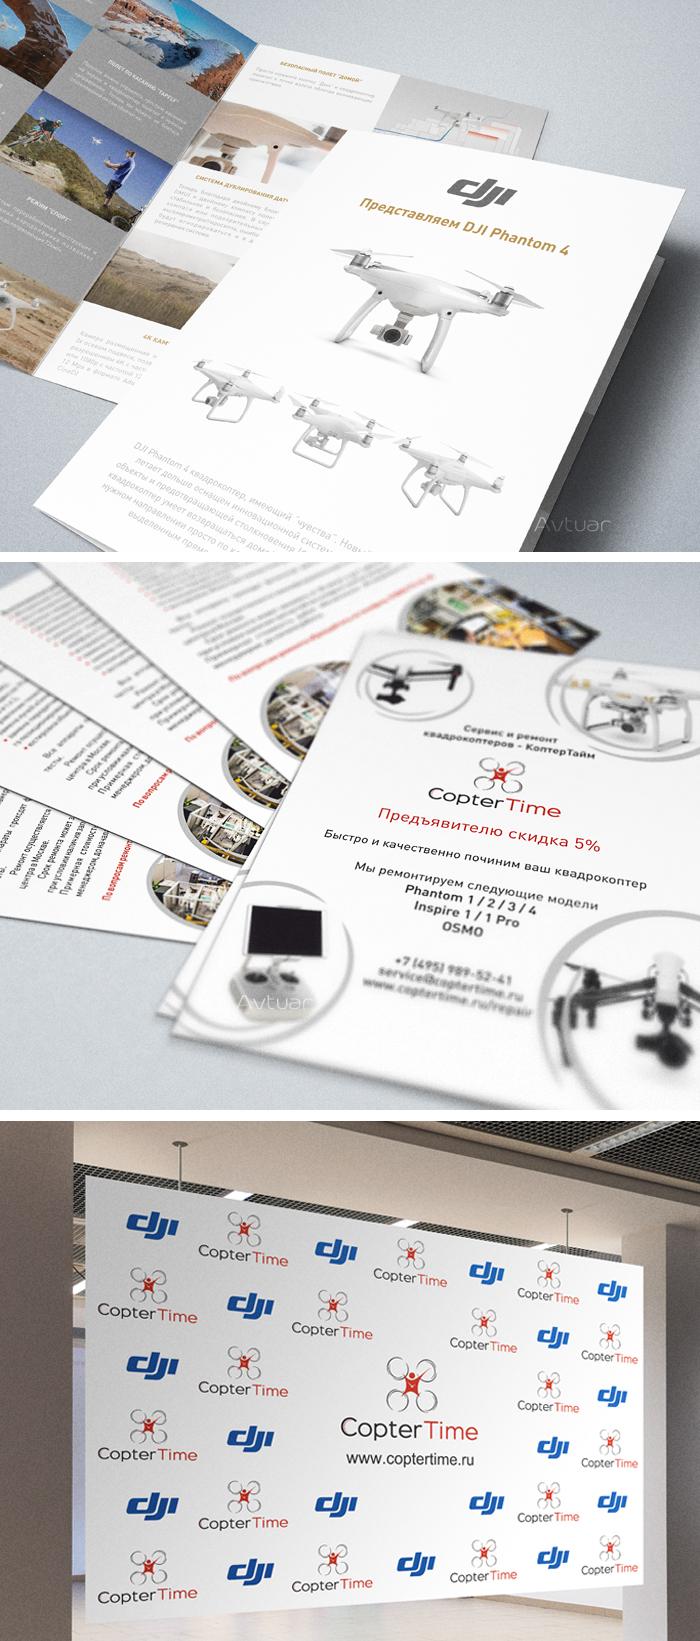 Рекламная полиграфия Copter Time